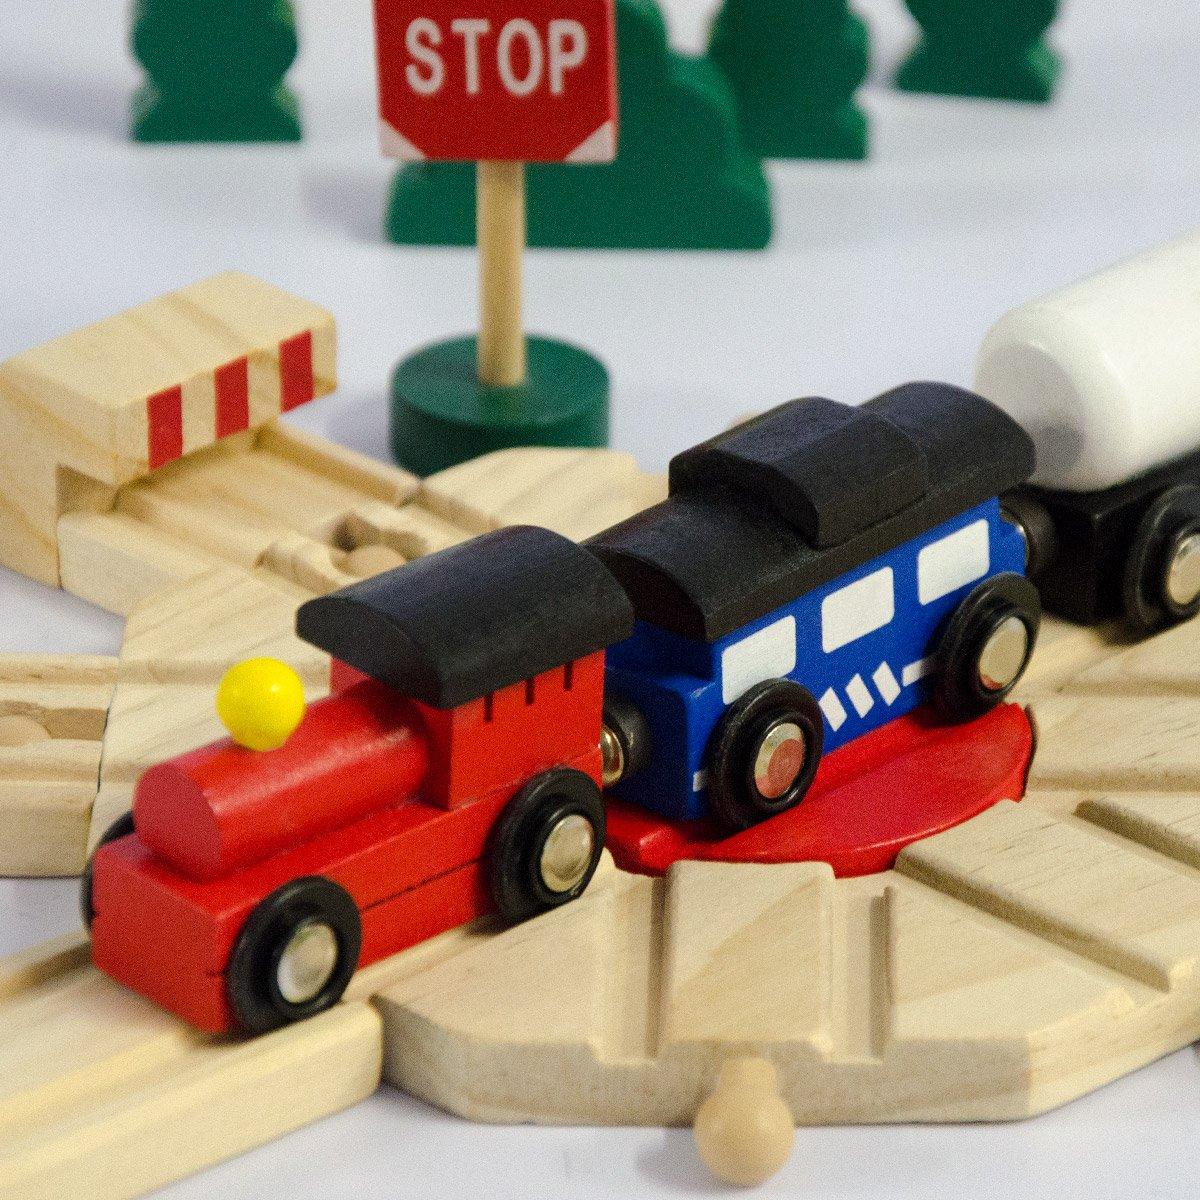 Accesorios 140x110cm 6m de v/ía f/érrea eyepower Tren de Madera 96 piezas Ferrocarril extensible ampliable combinable juego creativo